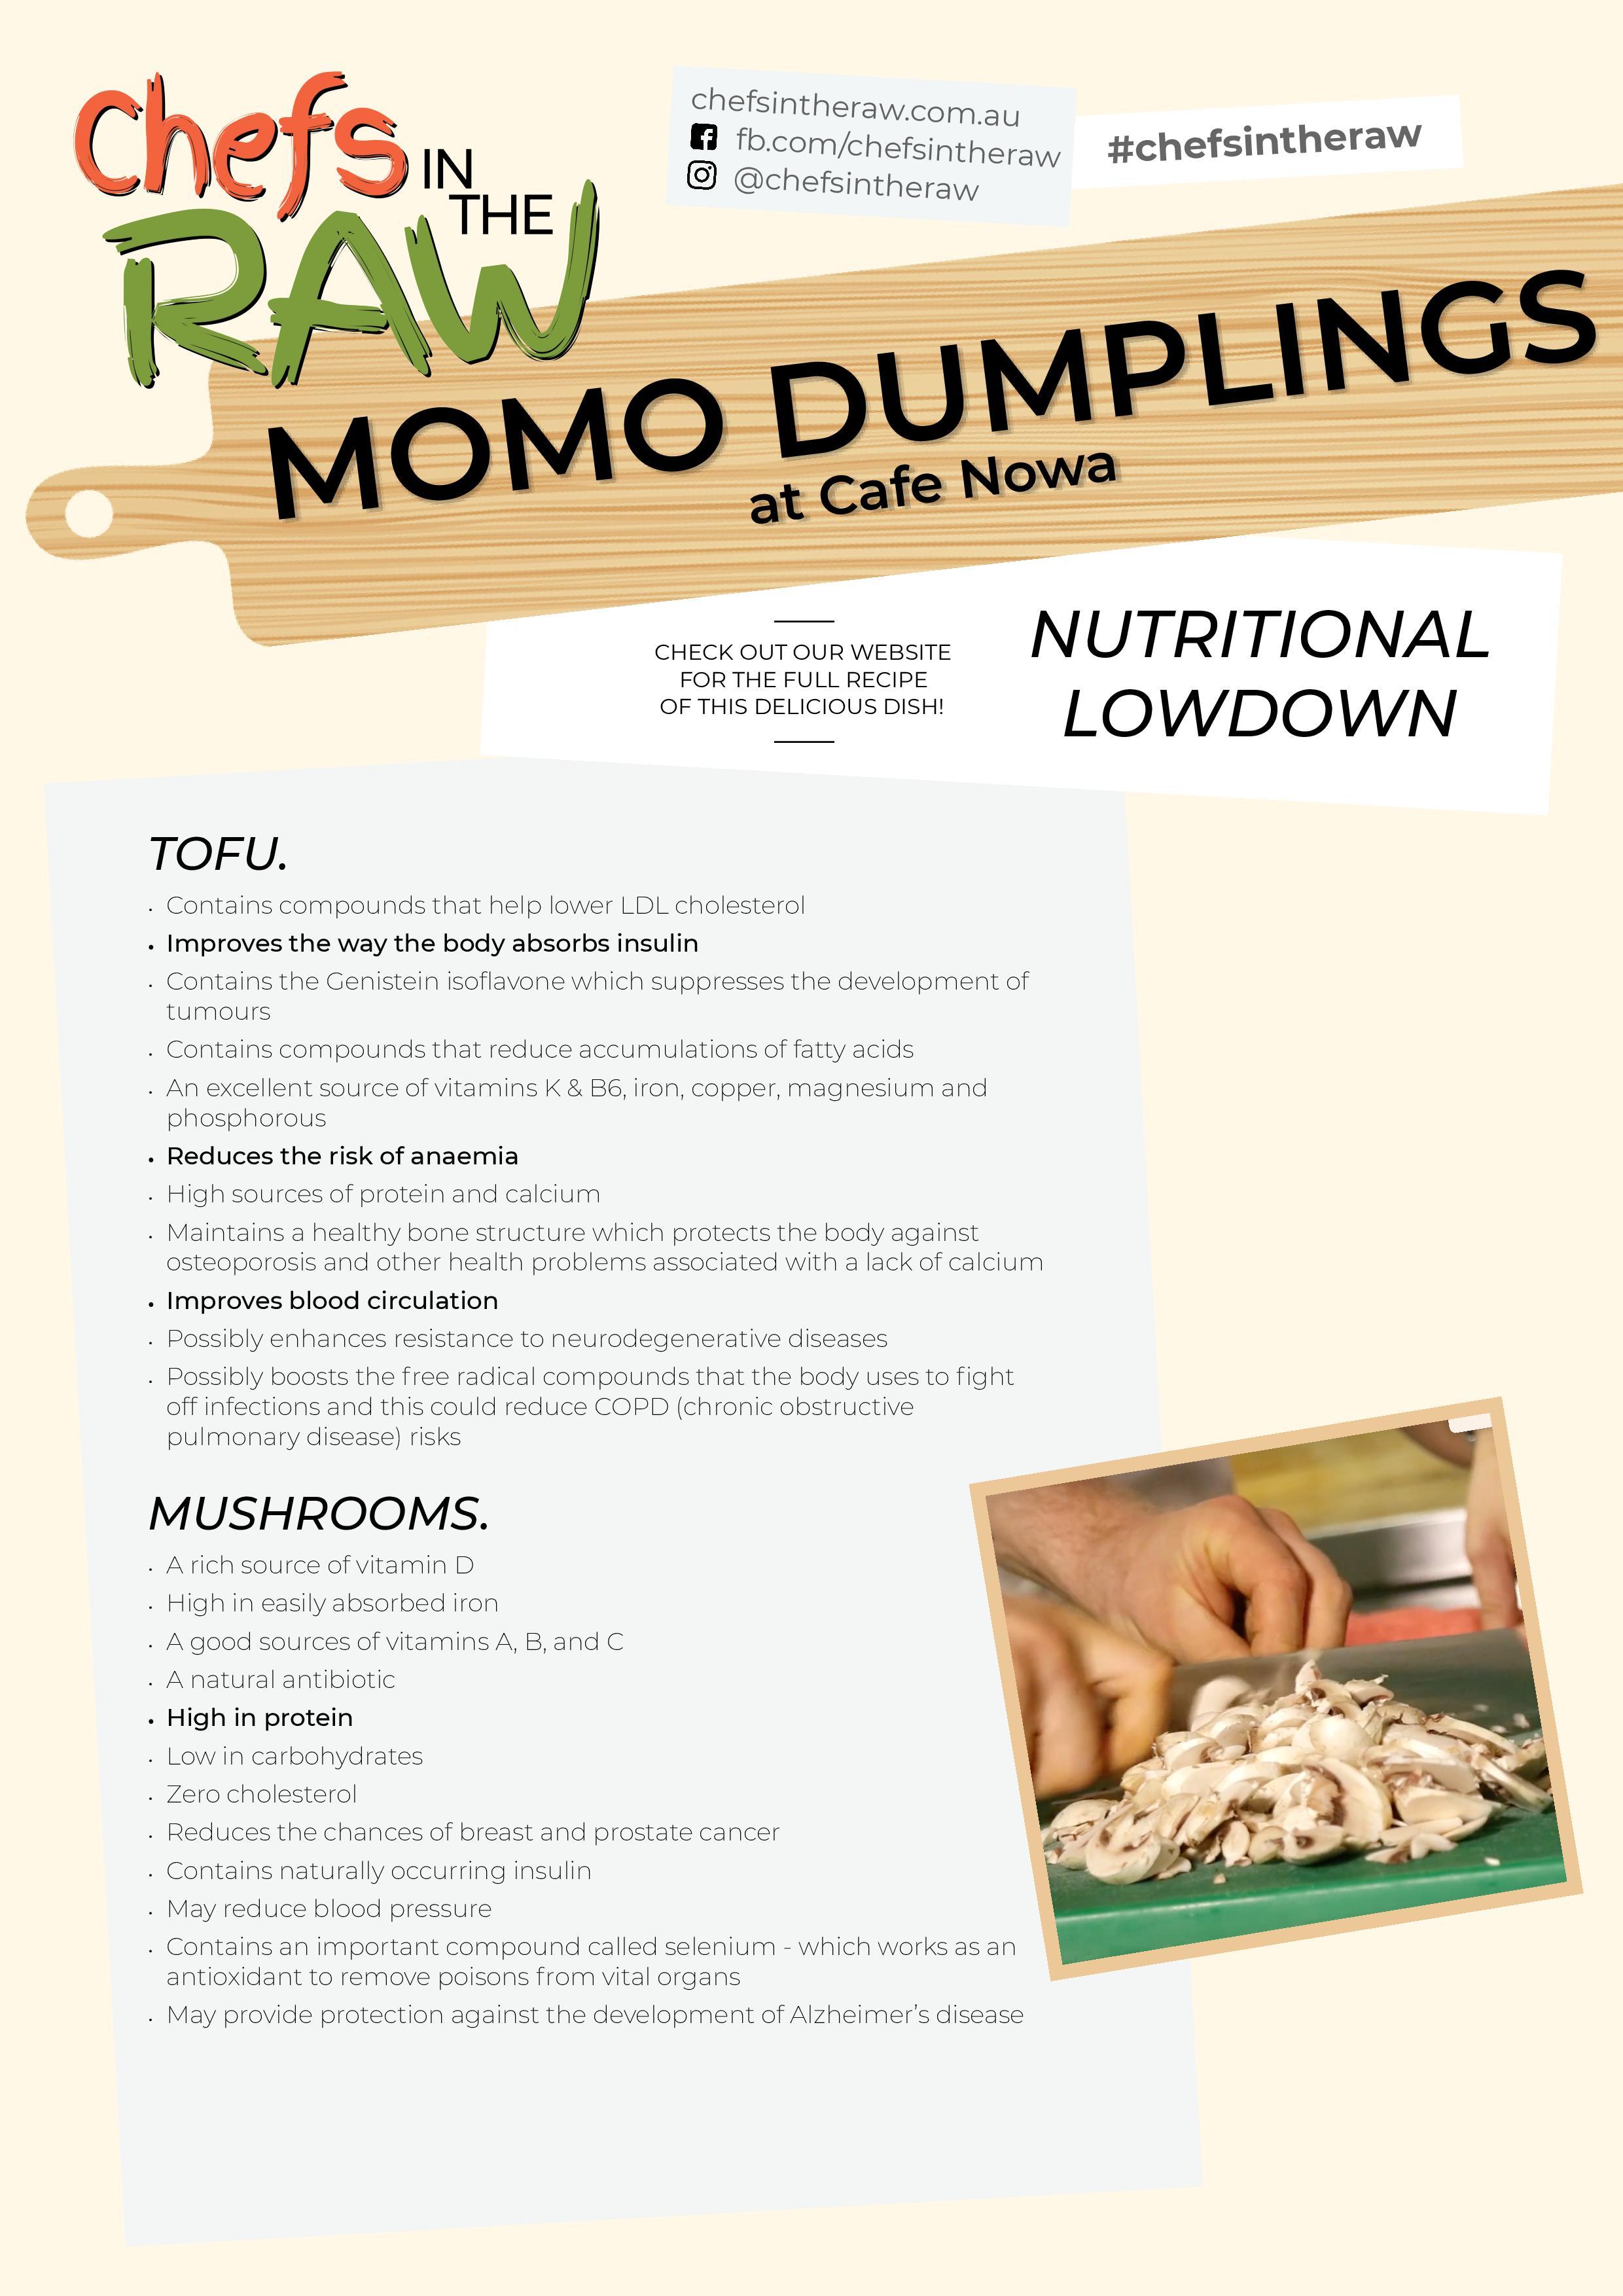 nutrition_MoMoDumplings-page-001.jpg